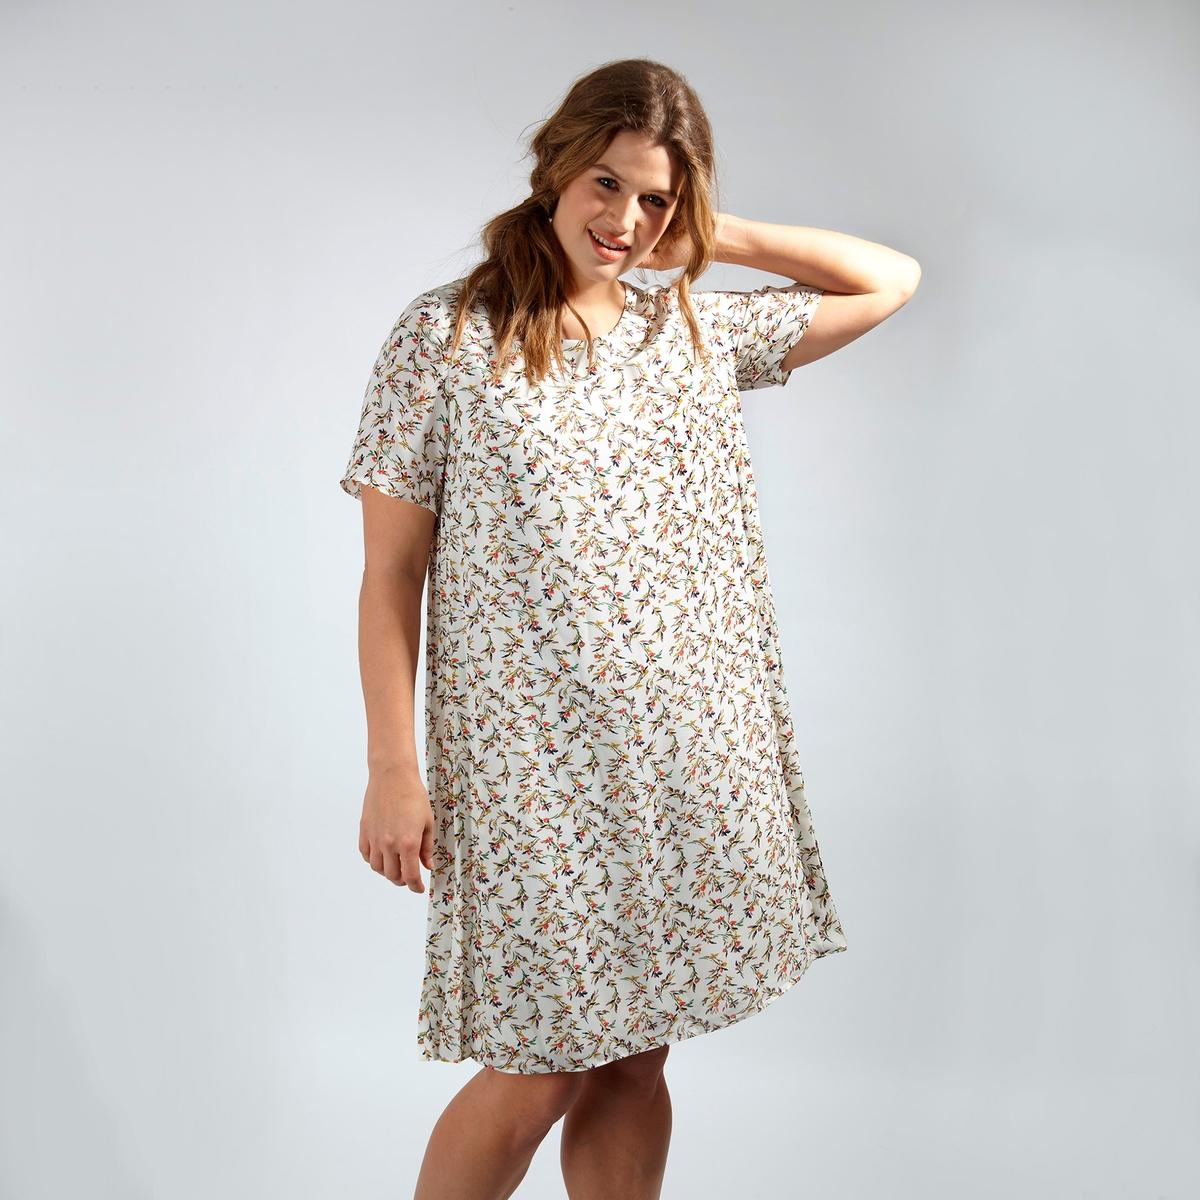 ПлатьеПлатье с короткими рукавами KOKO BY KOKO. Длина до колен. Круглый вырез. 100% полиэстер<br><br>Цвет: набивной рисунок<br>Размер: 48 (FR) - 54 (RUS)